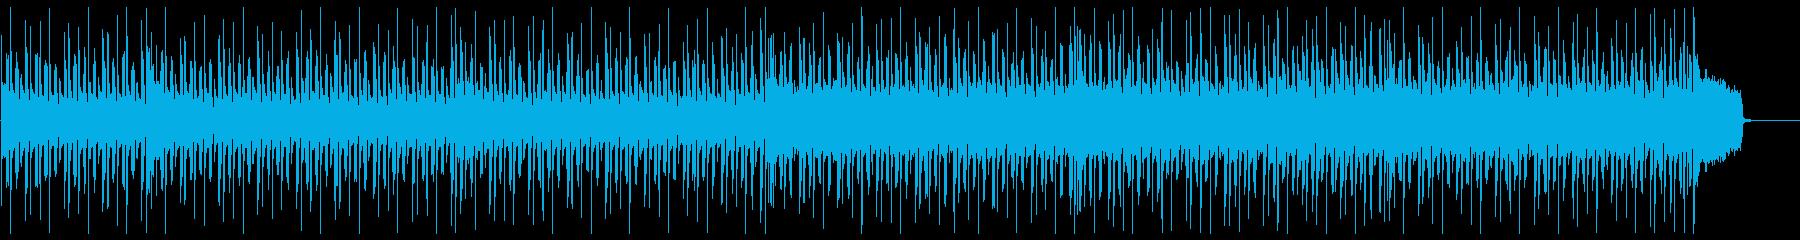 【メロ抜き】ほのぼのした鍵盤ハーモニカの再生済みの波形